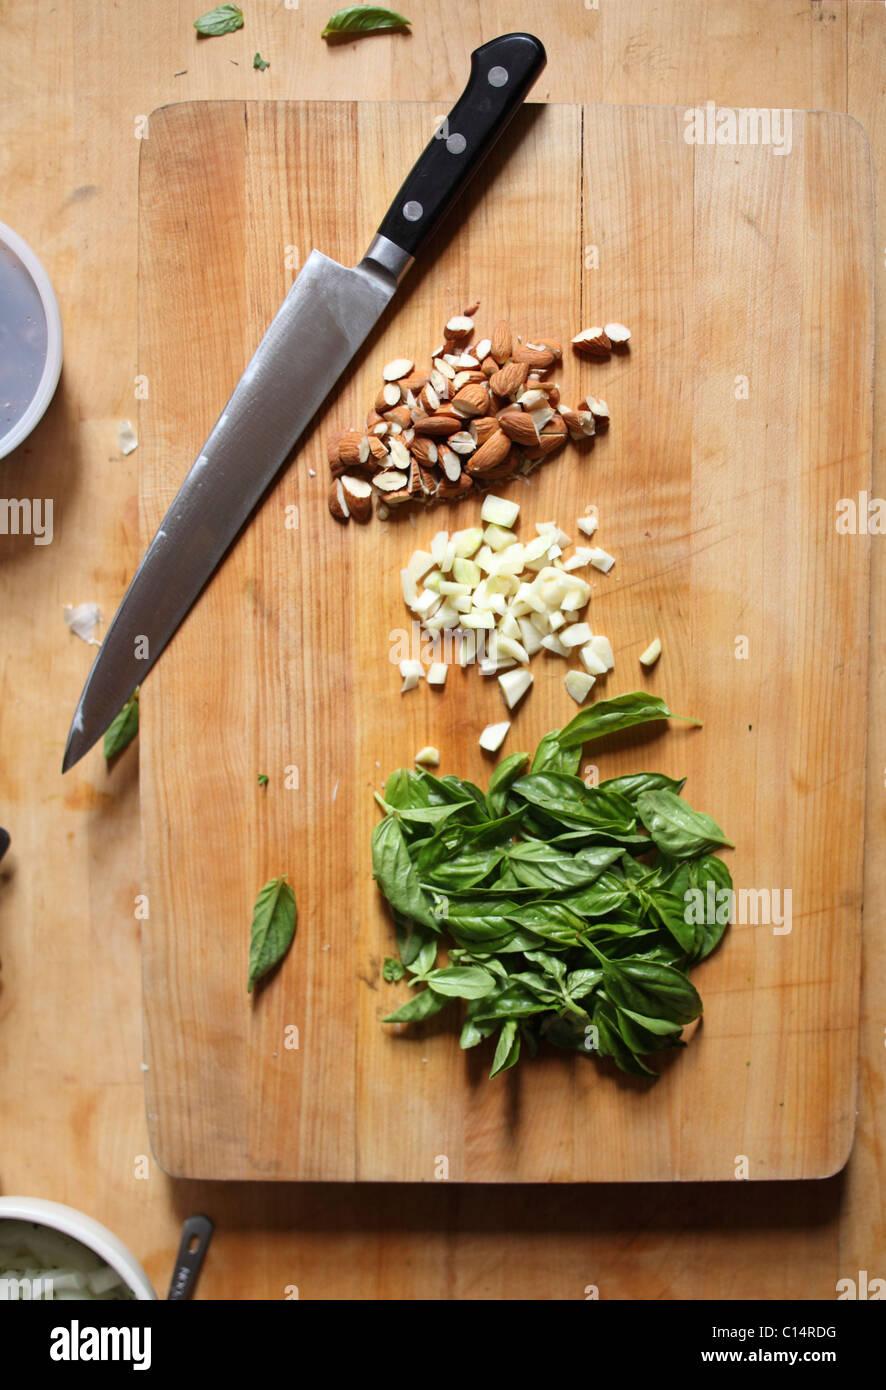 Frühstücksbrettchen mit Zutaten für Pesto Stockbild